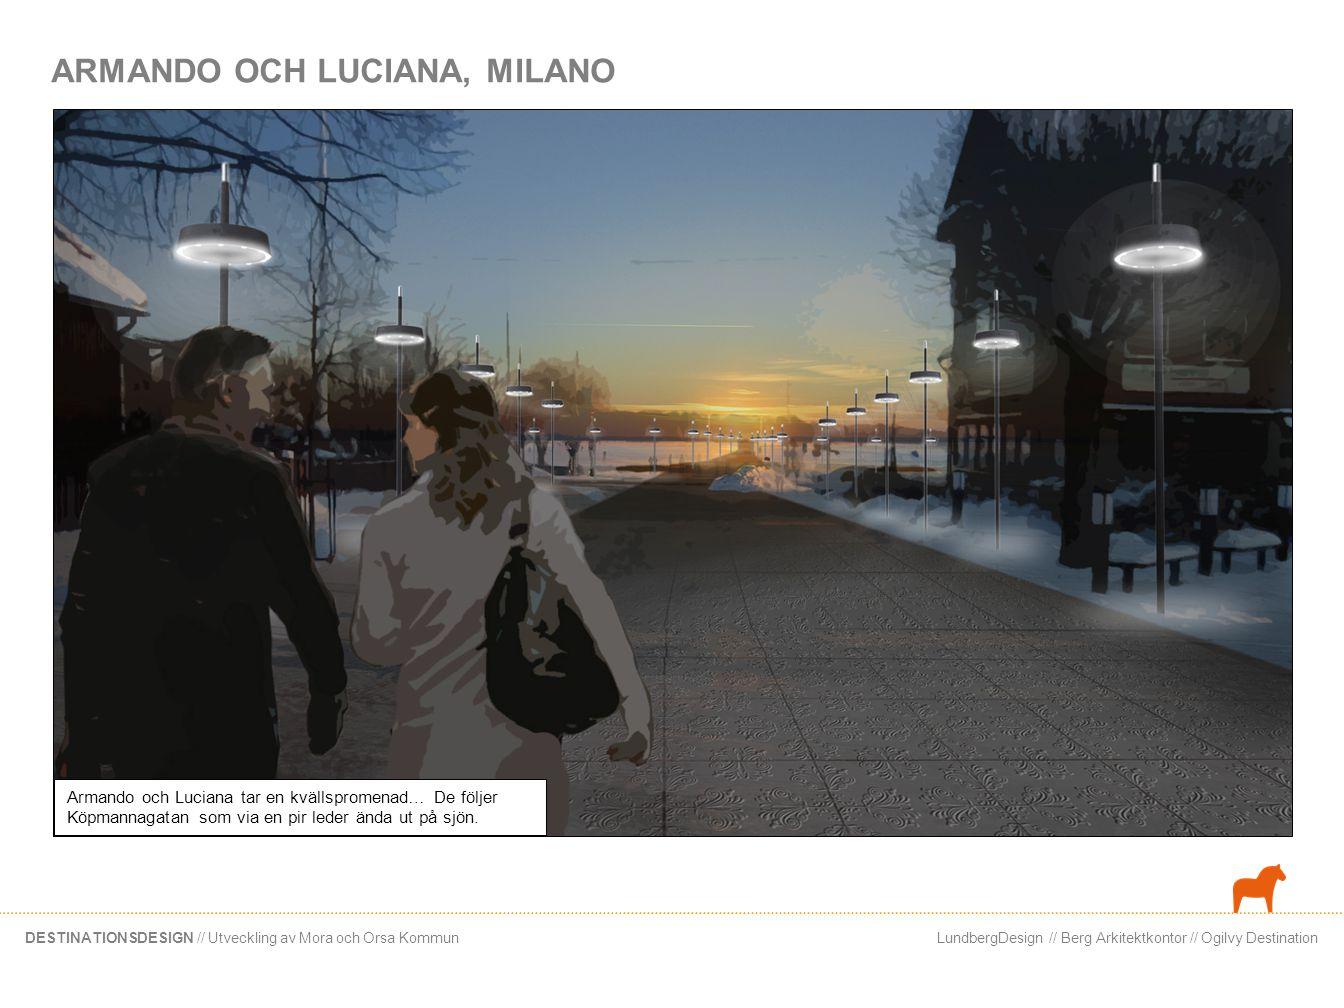 LundbergDesign // Berg Arkitektkontor // Ogilvy DestinationDESTINATIONSDESIGN // Utveckling av Mora och Orsa Kommun Paret fortsätter sin promenad längs bryggpromenaden… De blickar ut mot restaurangen ute på piren, Där kan vi äta imorgon! säger Armando.